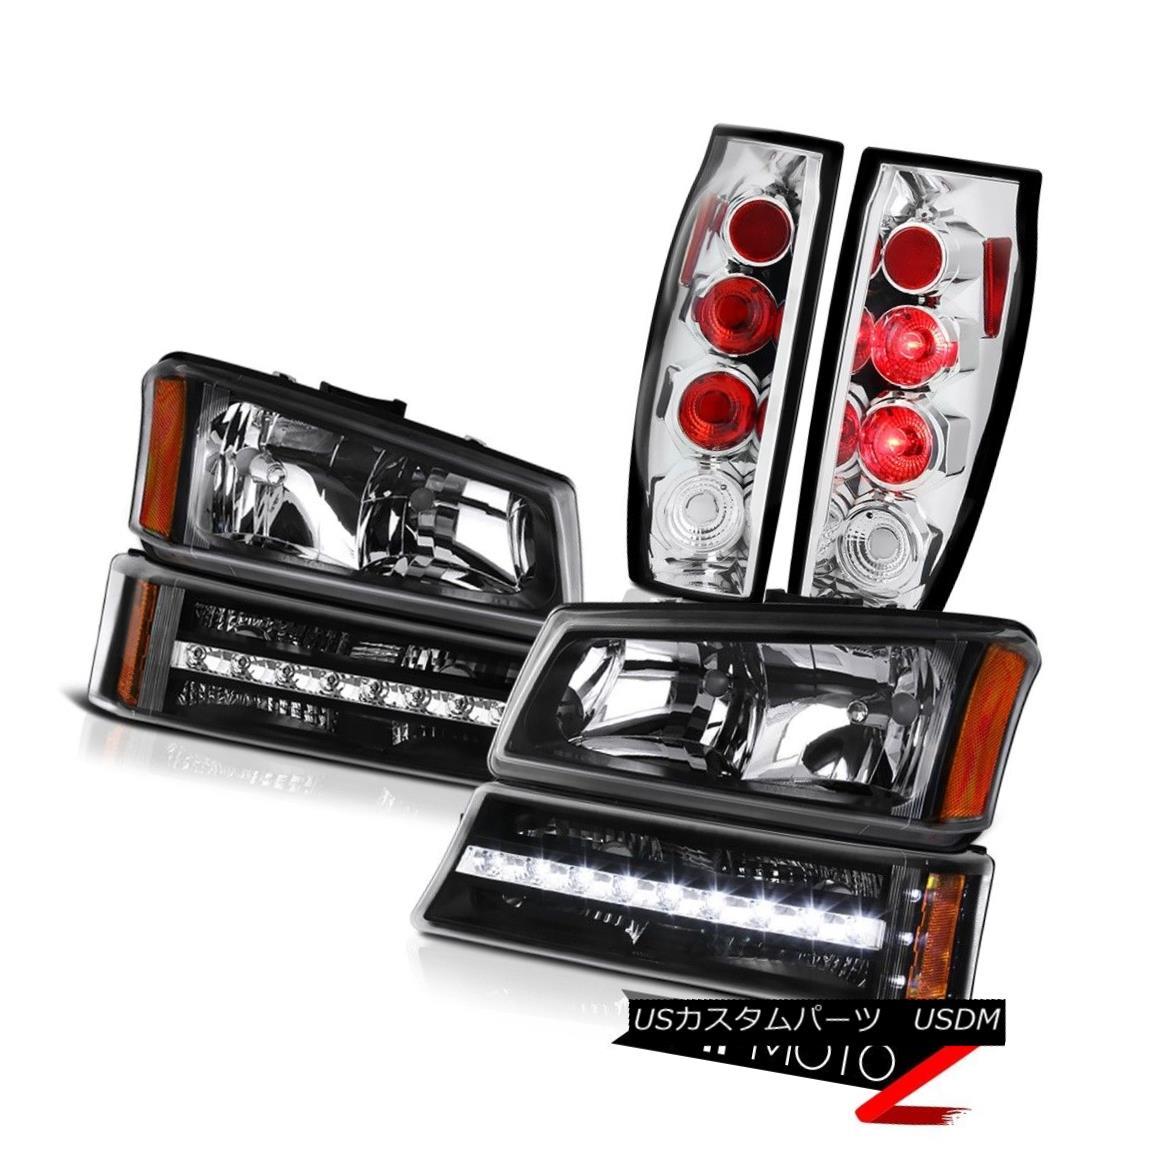 テールライト 03 04 05 06 Avalanche 2500HD Chrome Taillights Raven Black Bumper Lamp Headlamps 03 04 05 06雪崩2500HDクロームティアライズレイブンブラックバンパーランプヘッドランプ